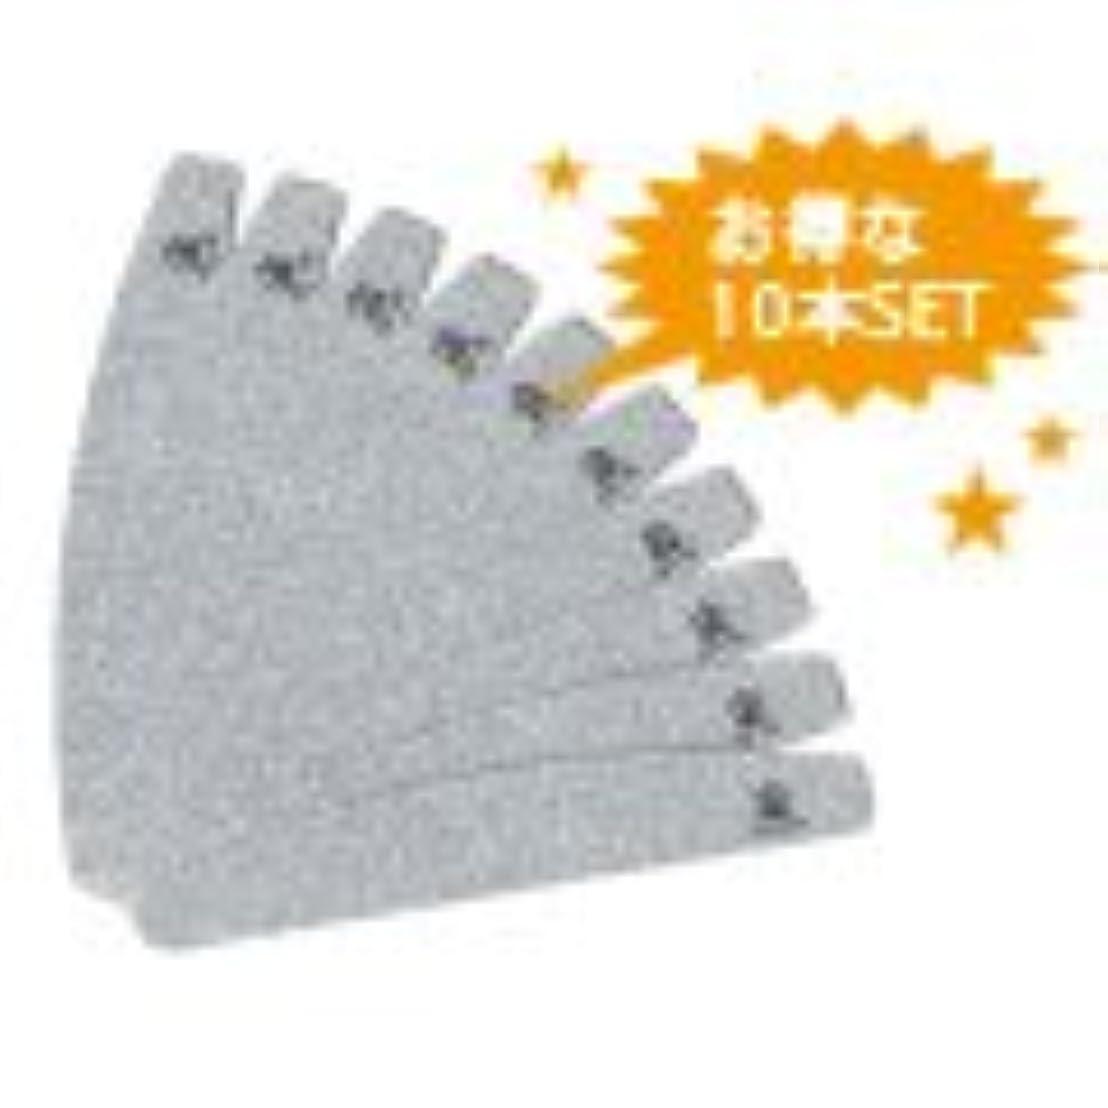 Micrea(ミクレア) プロフェッショナルファイル バリューパック ムーン 100G 10本入